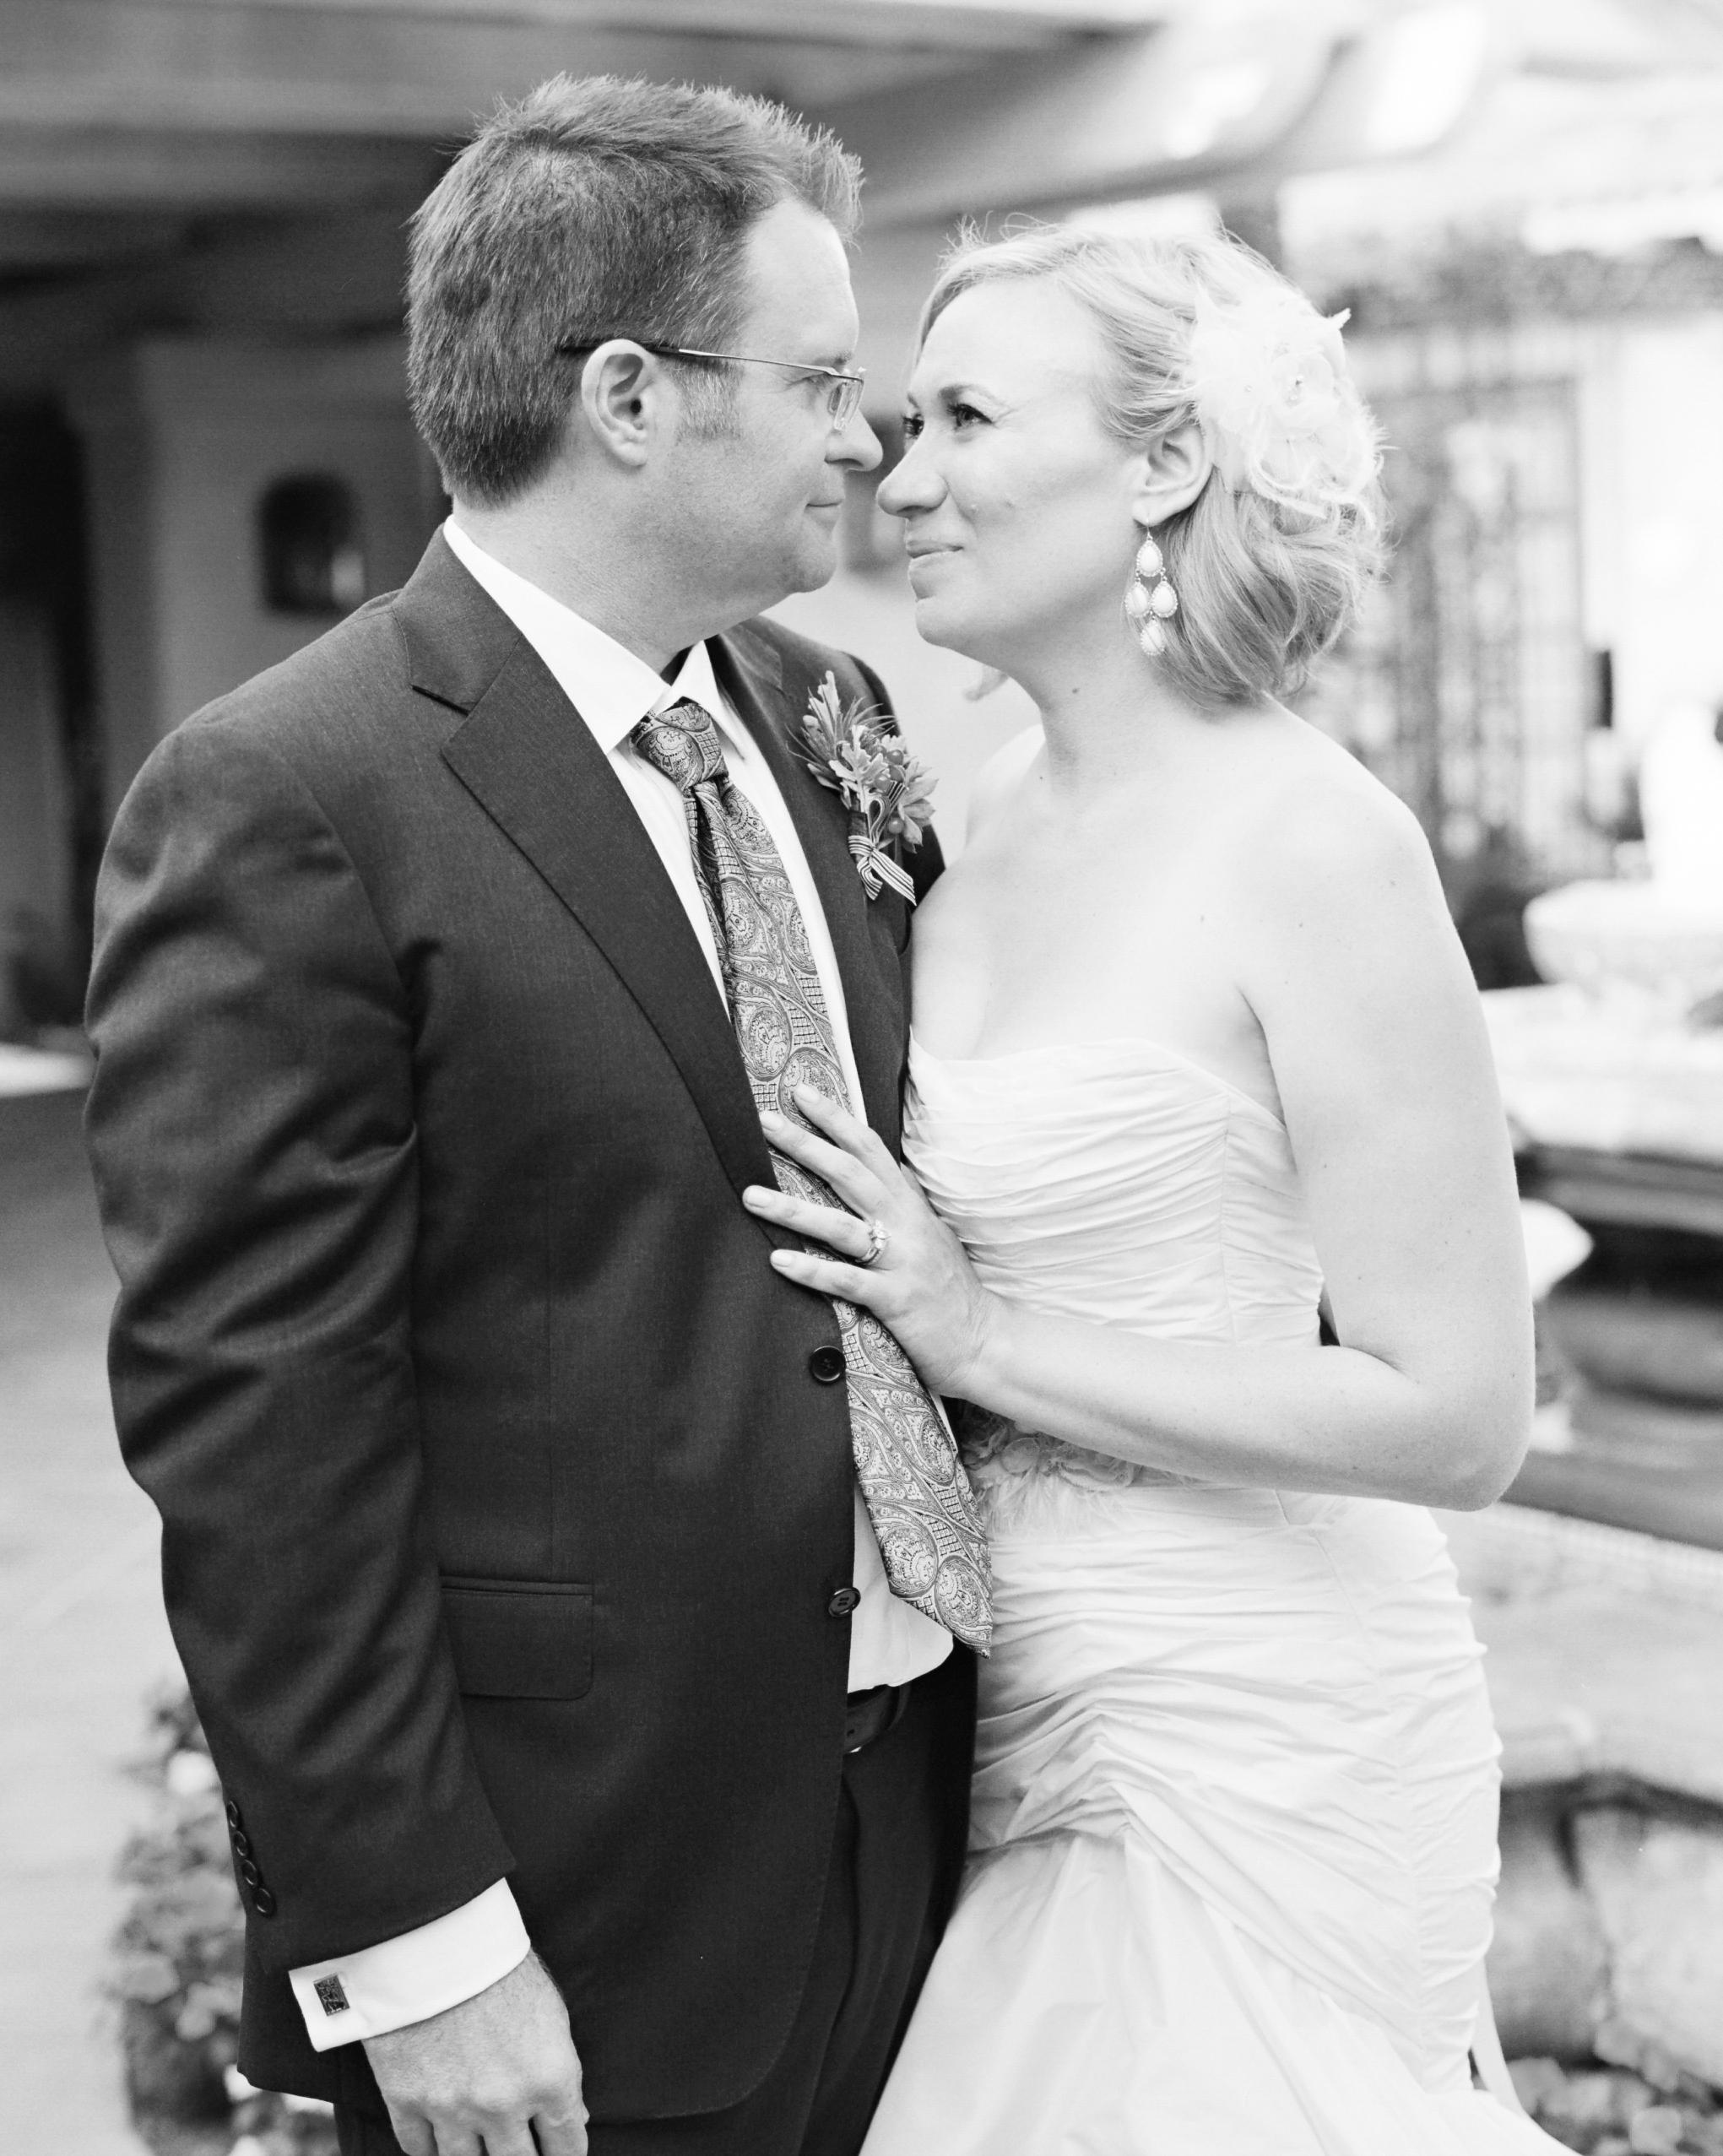 liz-allen-wedding-couple-0184-s111494-0914.jpg